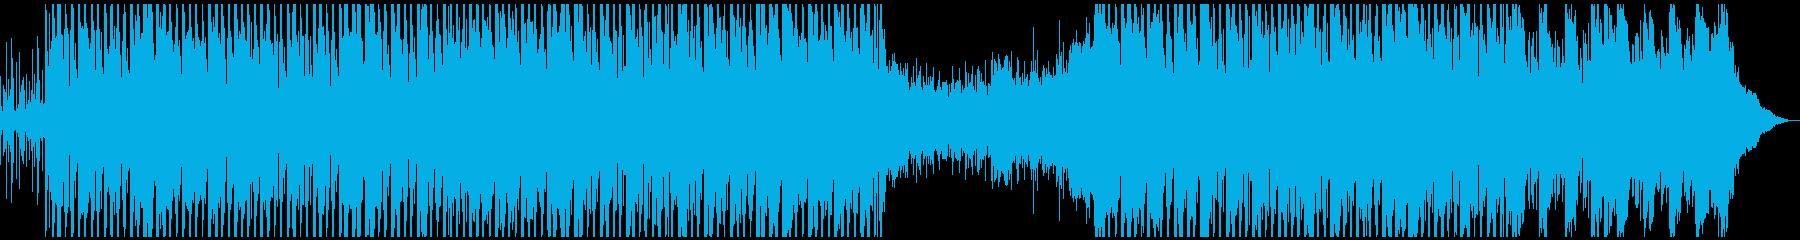 ハウス ダンス プログレッシブ R...の再生済みの波形